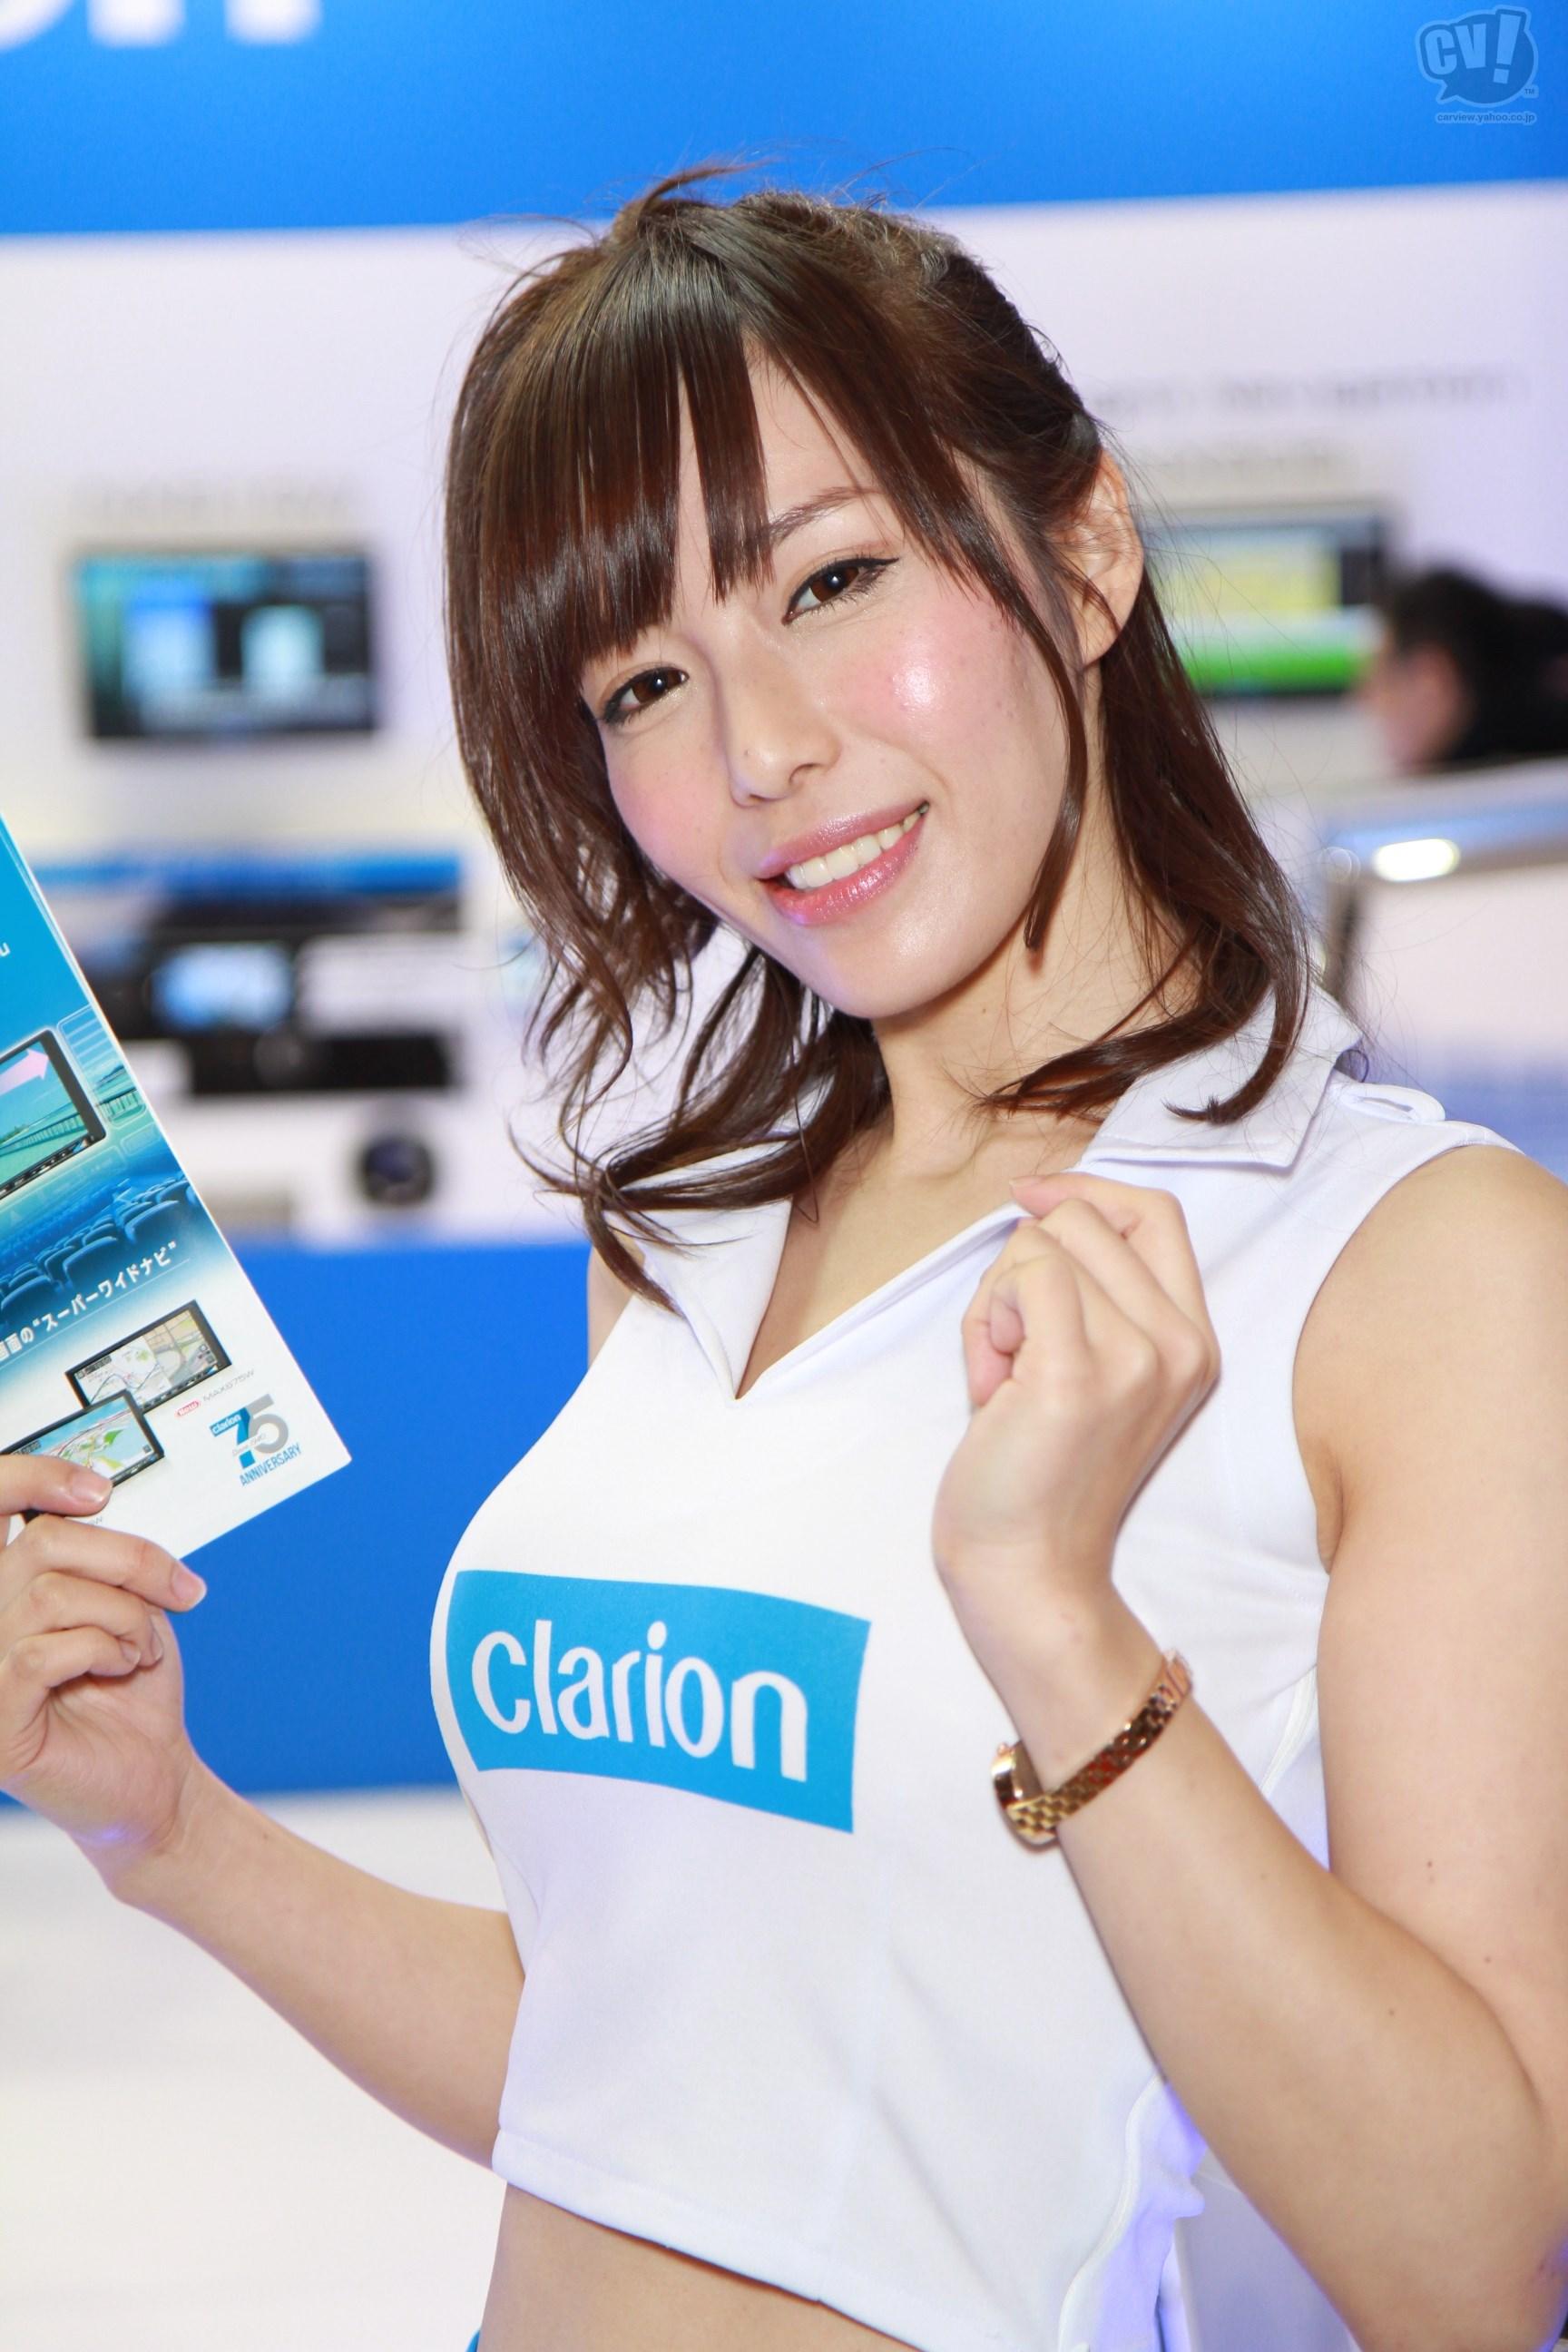 クラリオン株式会社 Vol 2 (朝比奈夢乃さん) 東京オートサロン2016 Carview 自動車